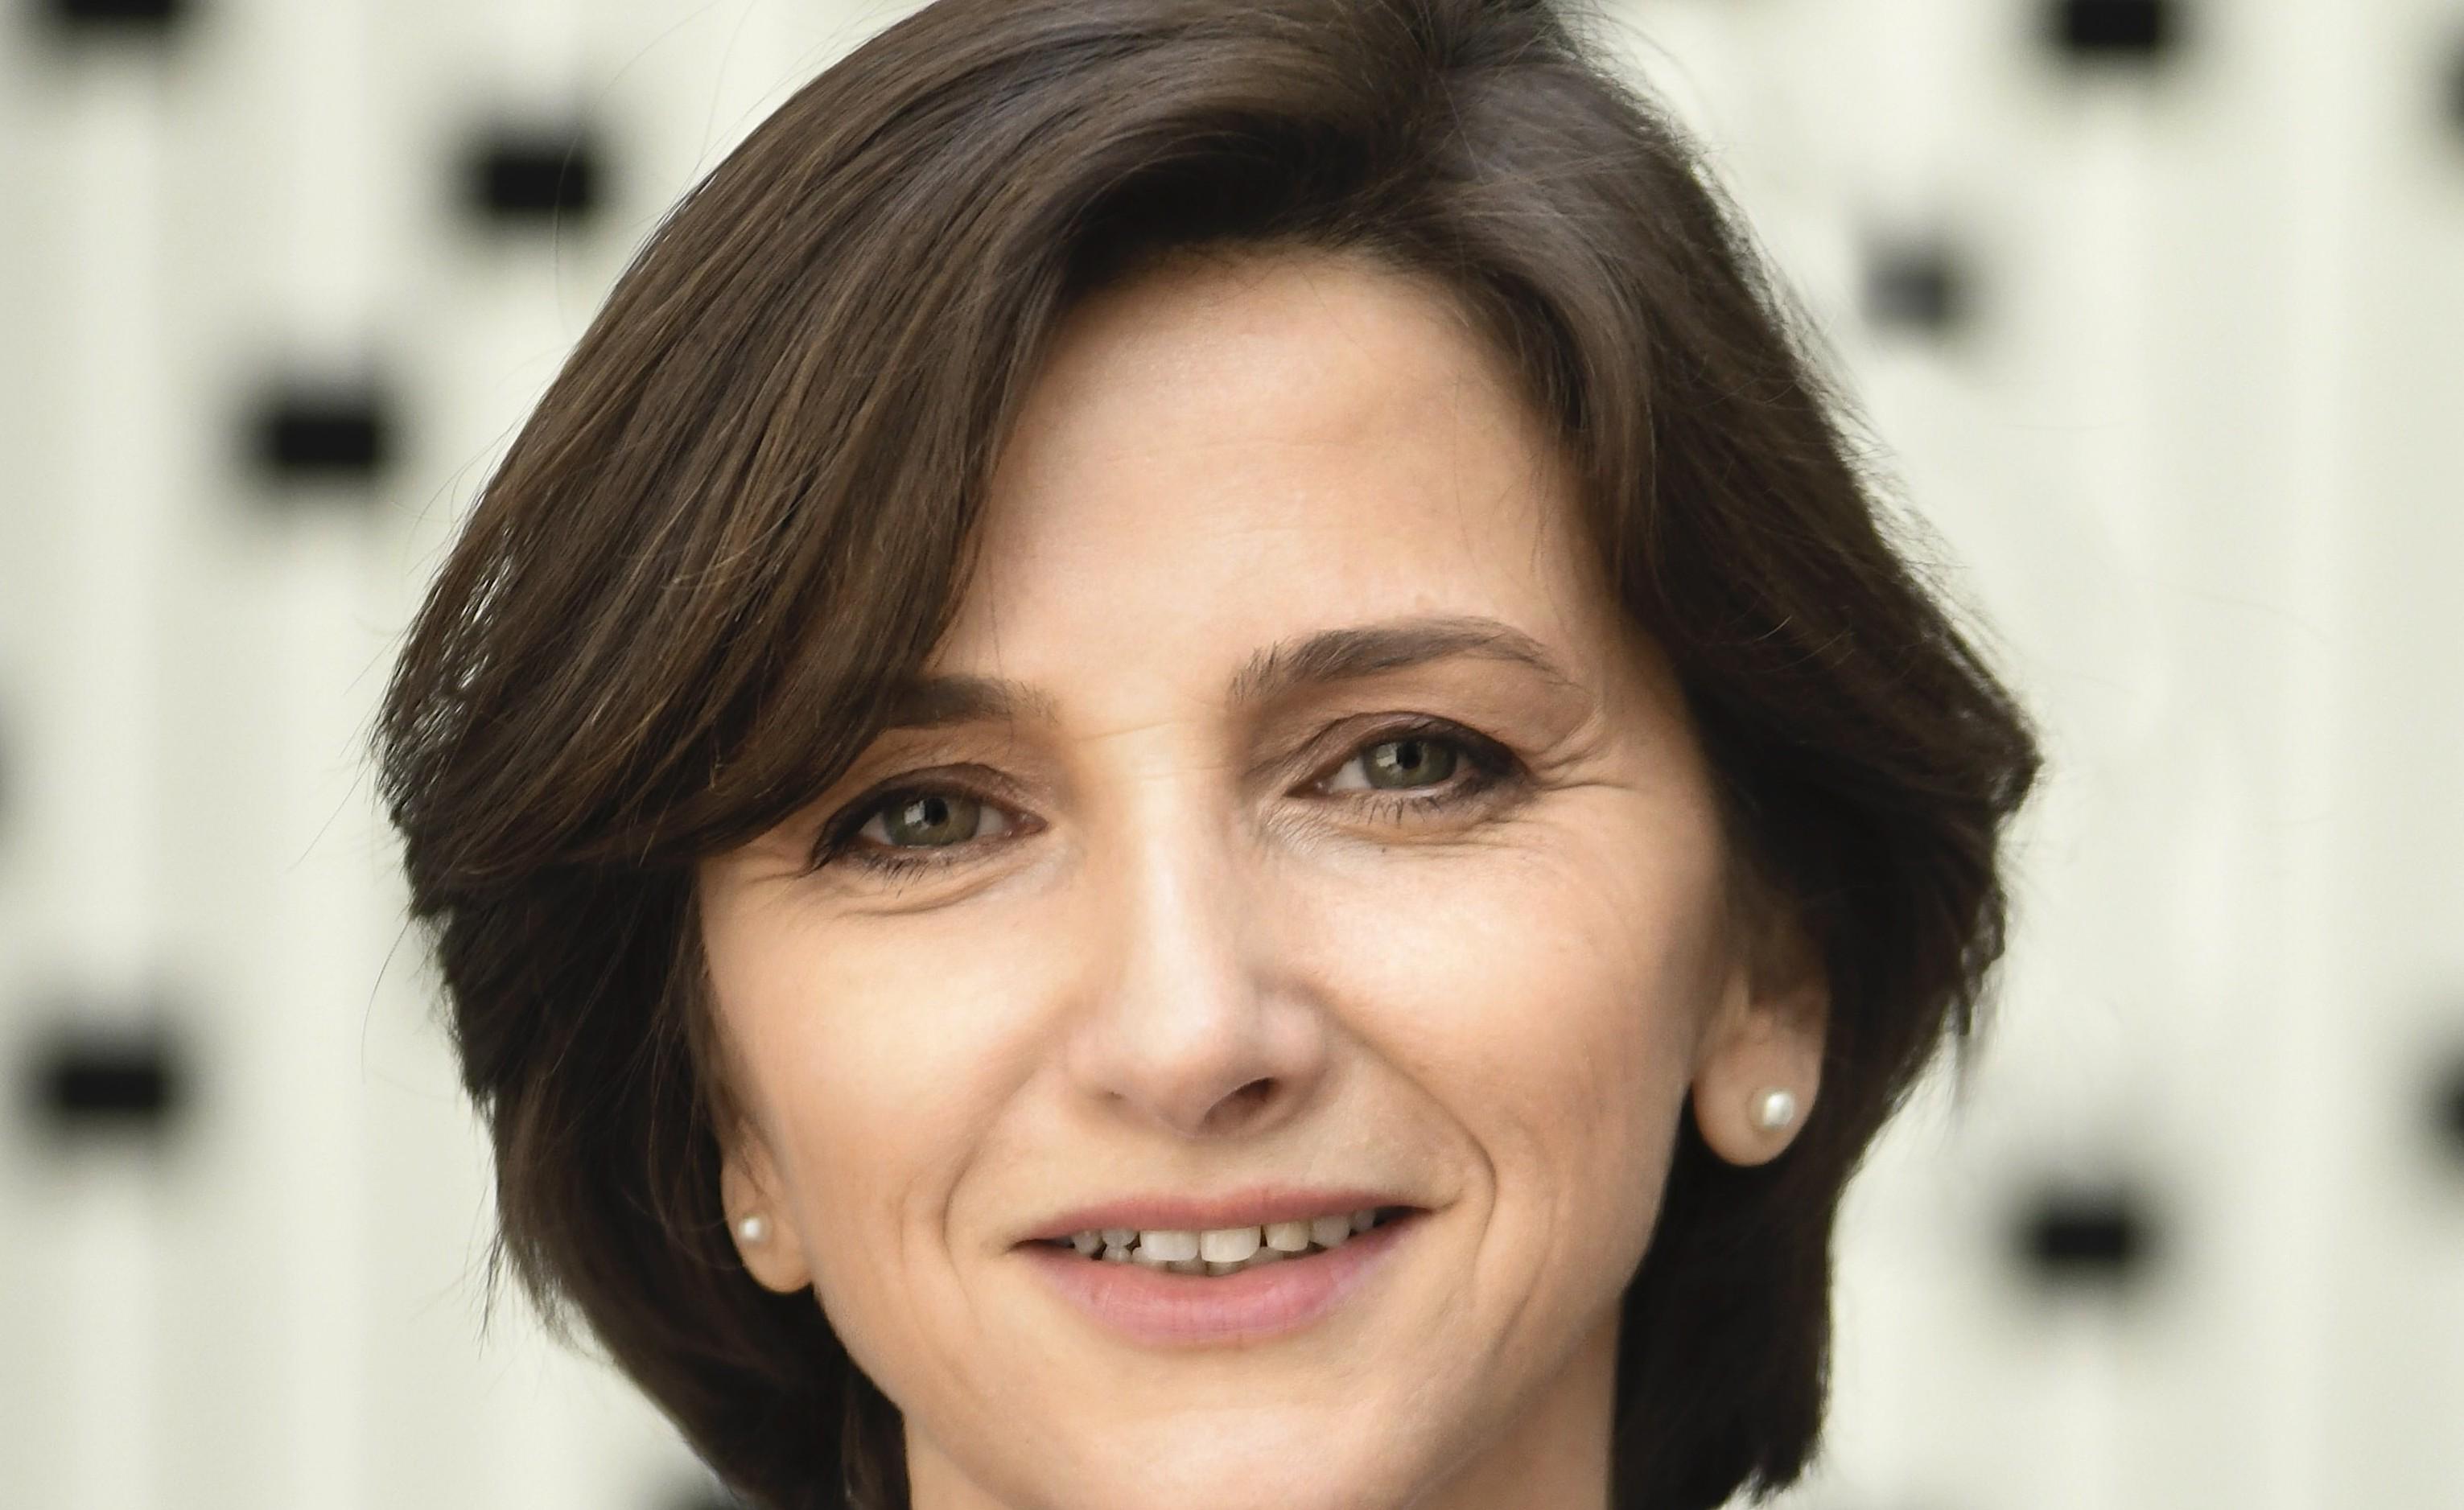 Nathalie Elimas (Wikipedia)